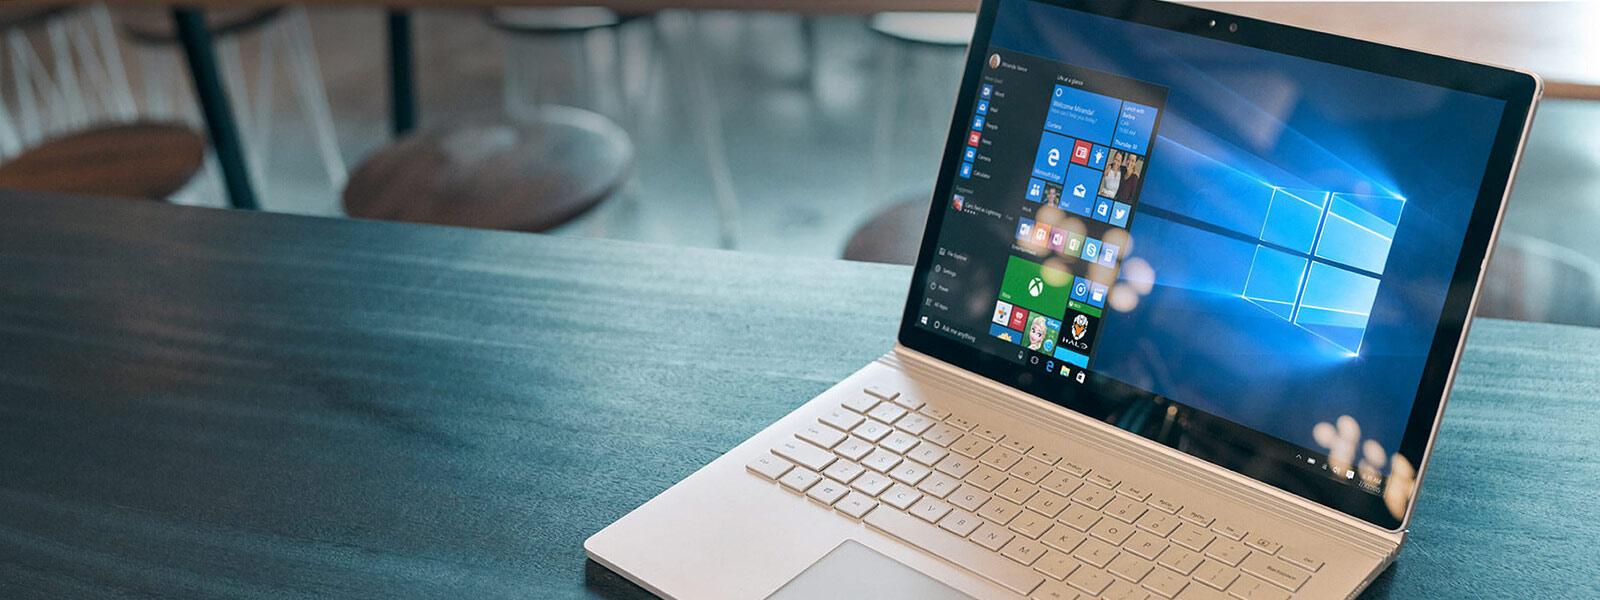 Windows 10-enhet,